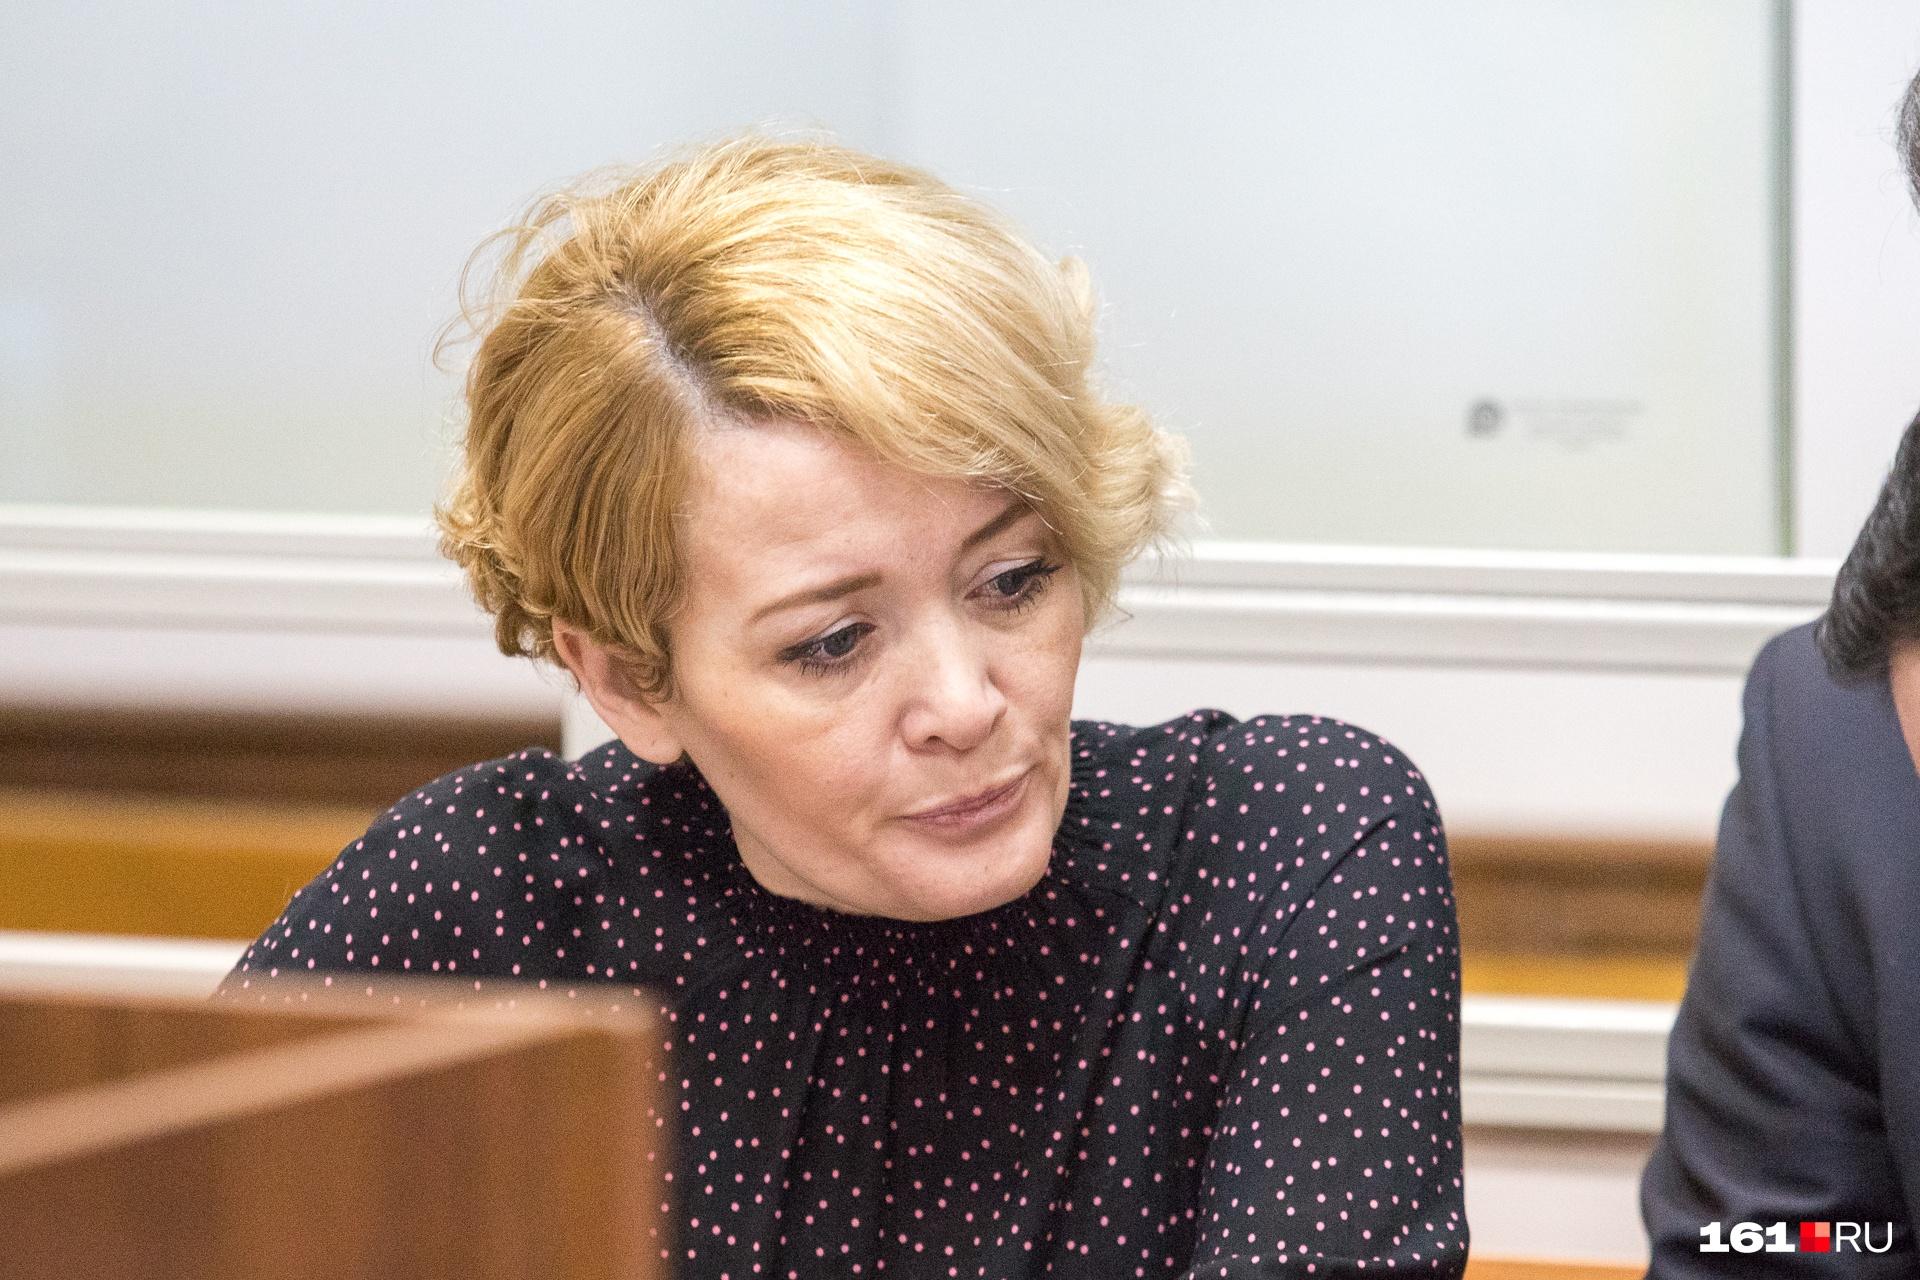 Шевченко продлили домашний арест до конца октября